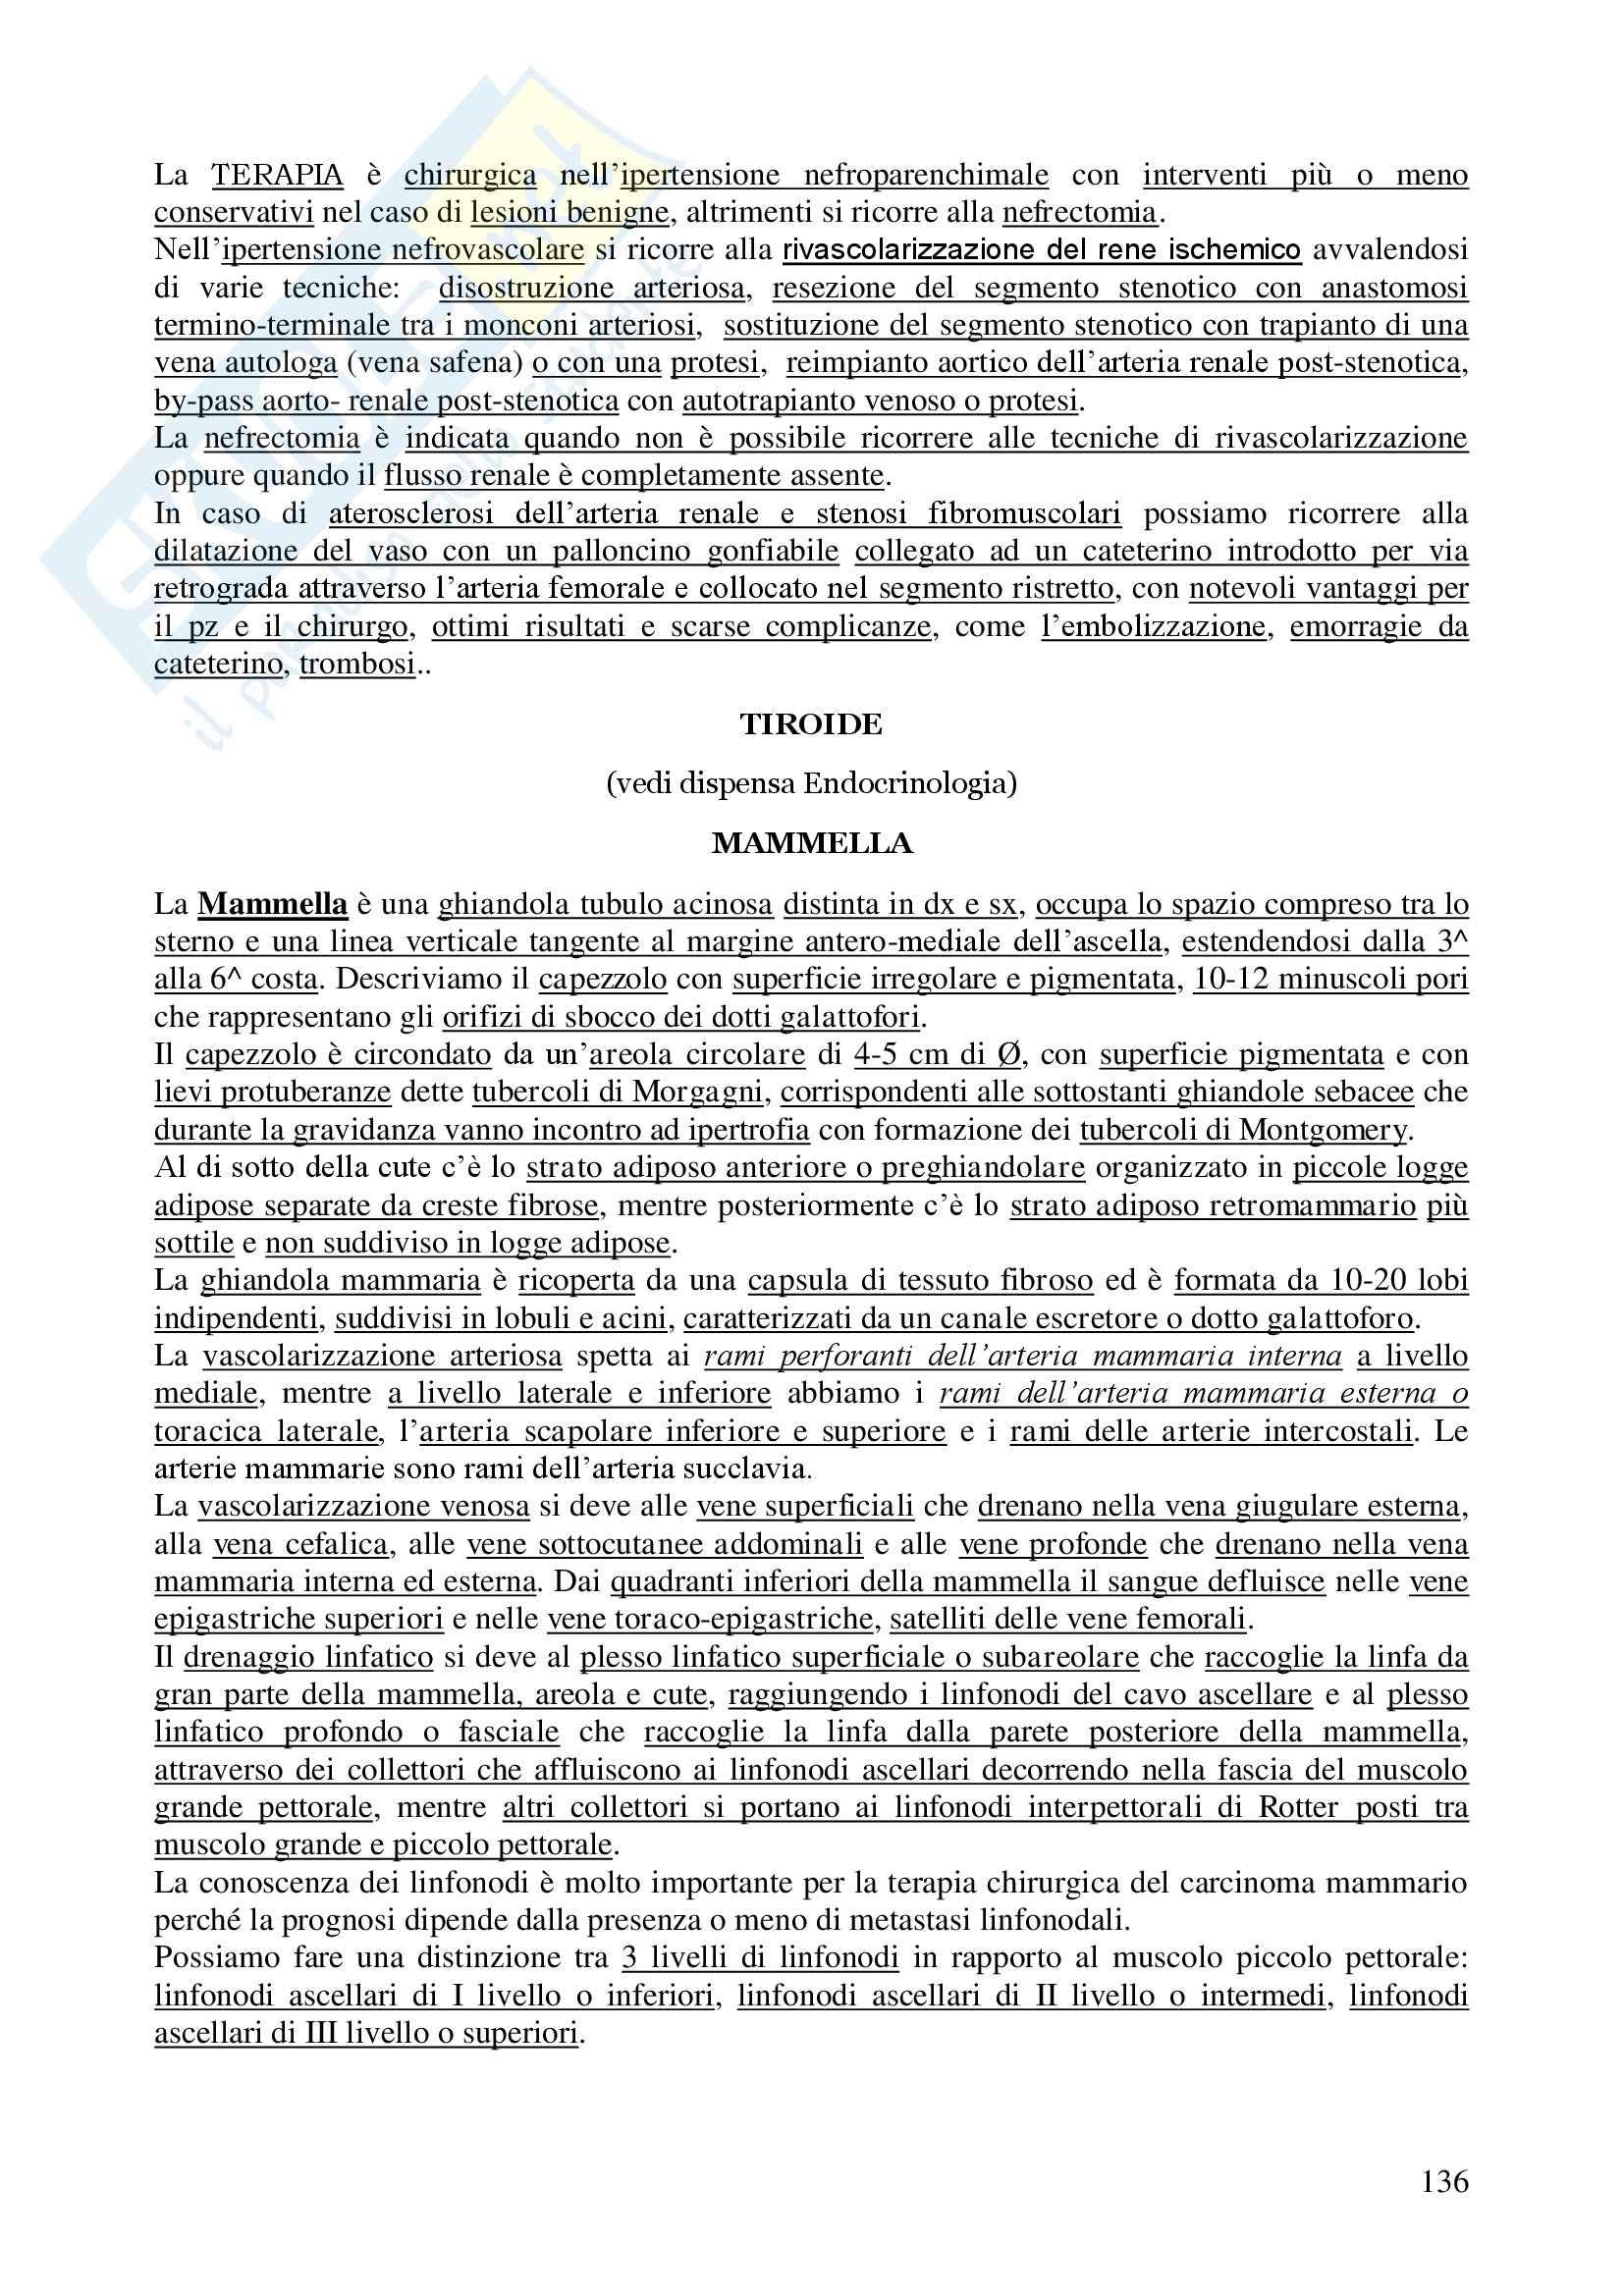 Chirurgia - chirurgia generale - Appunti Pag. 136